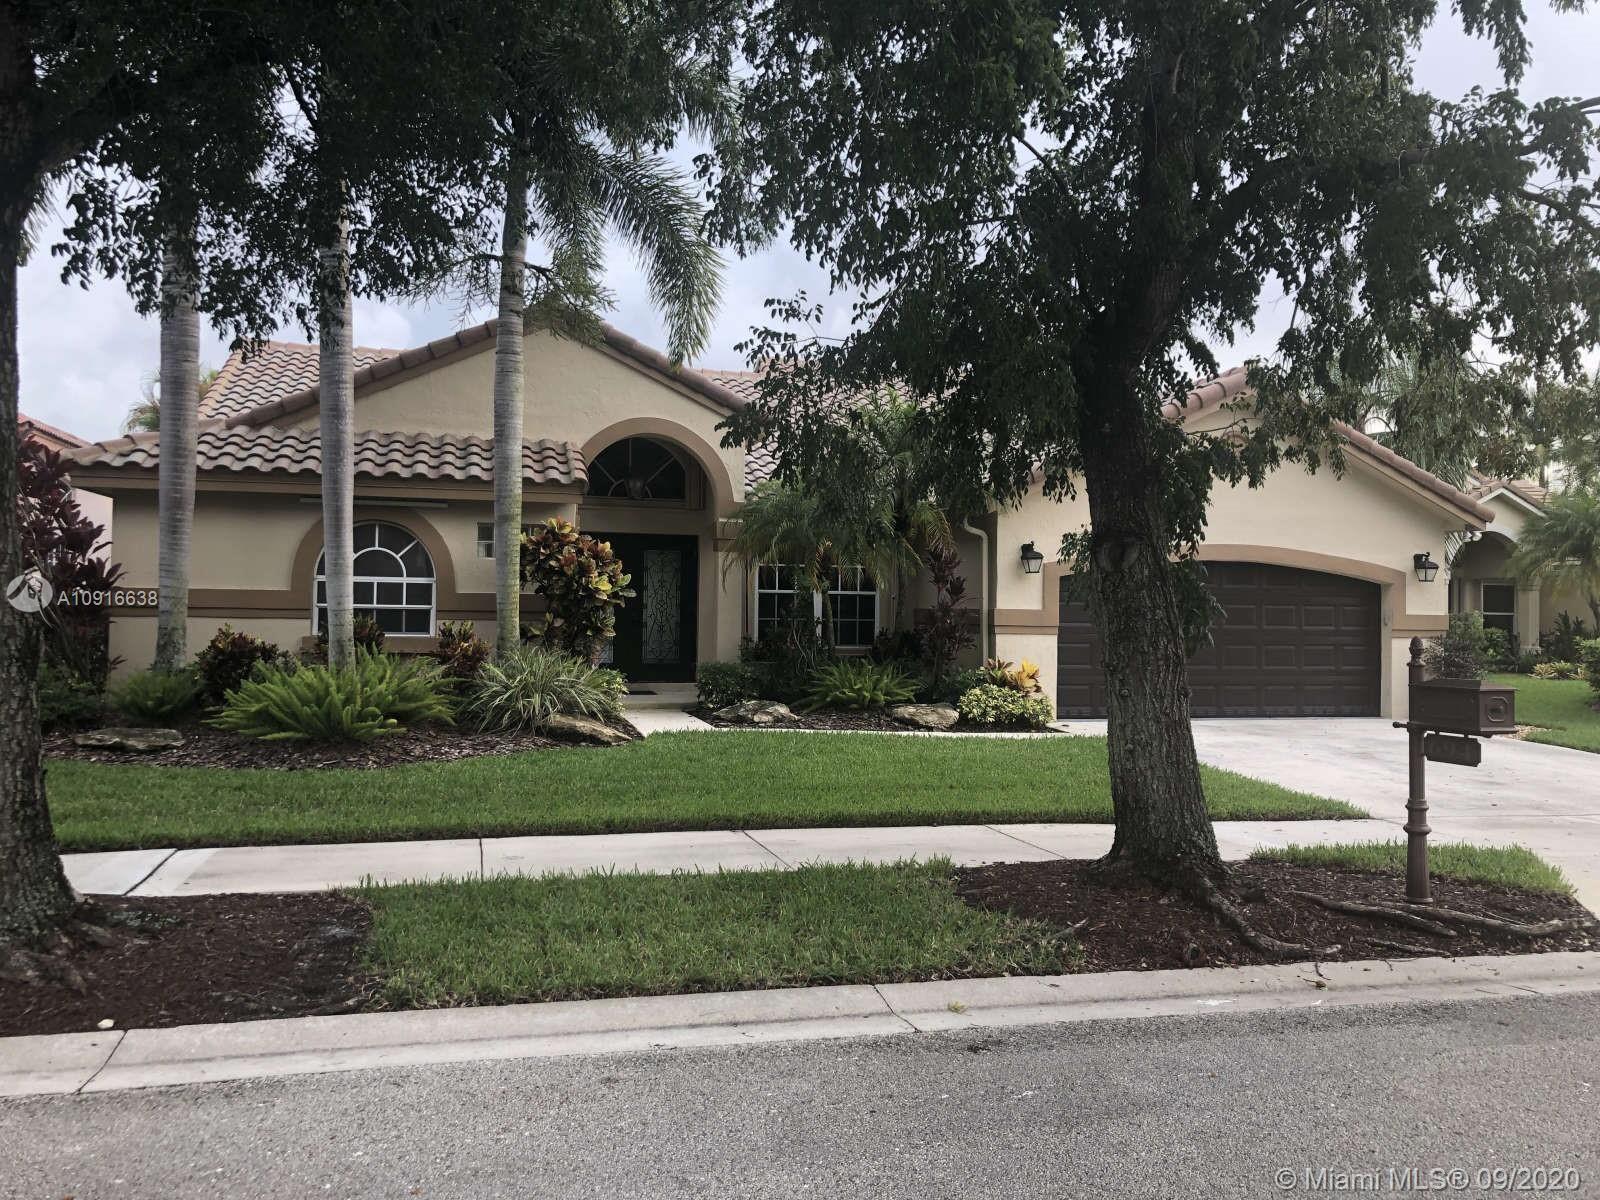 694 Verona Ct, Weston, FL 33326 - #: A10916638